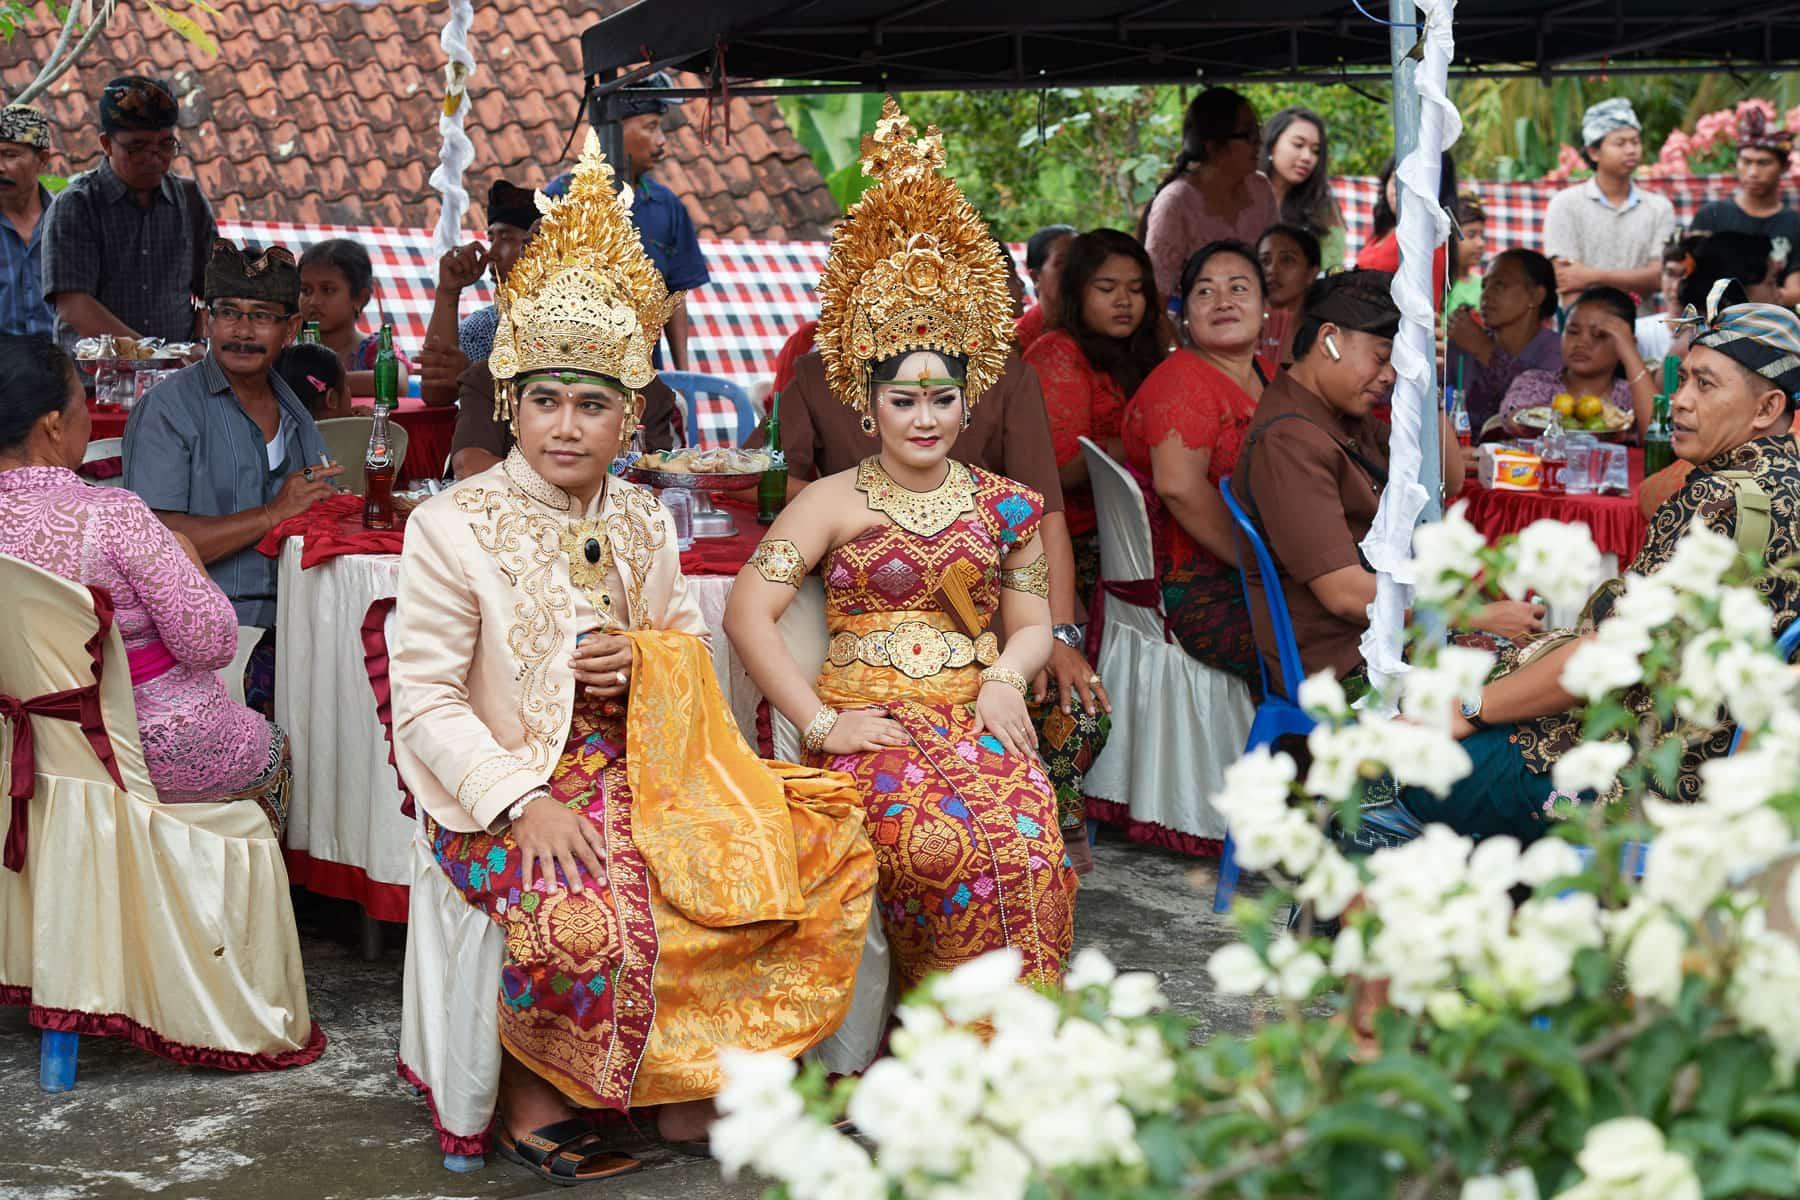 Das Foto zeigt eine balinesische Hochzeitsgesellschaft, bei dem das Hochzeitspaar im Vordergrund zu sehen ist